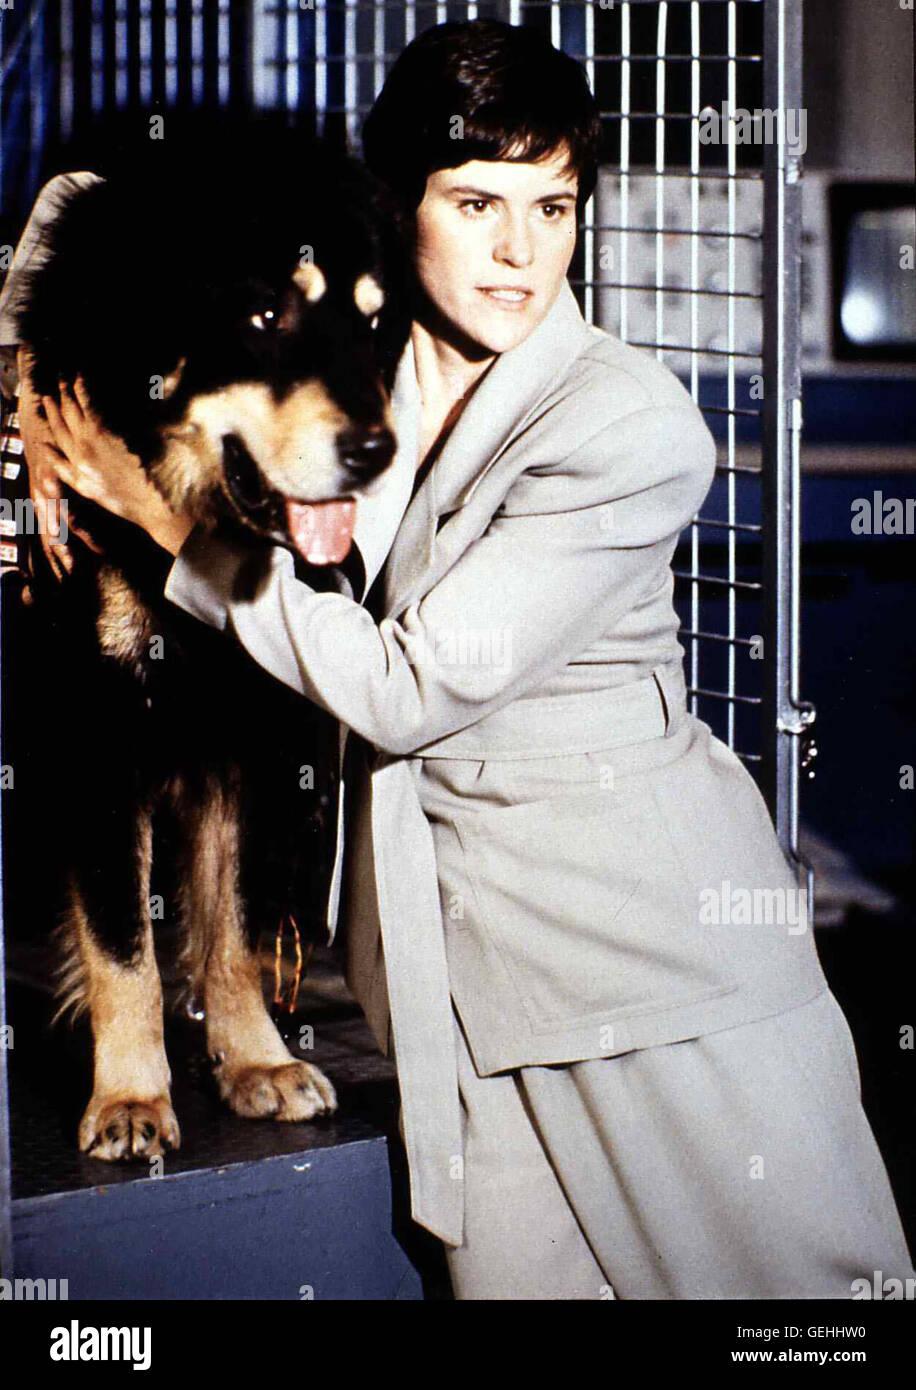 Ally Sheedy  Lori Tanner (Ally Sheedy) will eine Story über Tierversuche schreiben. Als sie den Wachhund Max - Stock Image